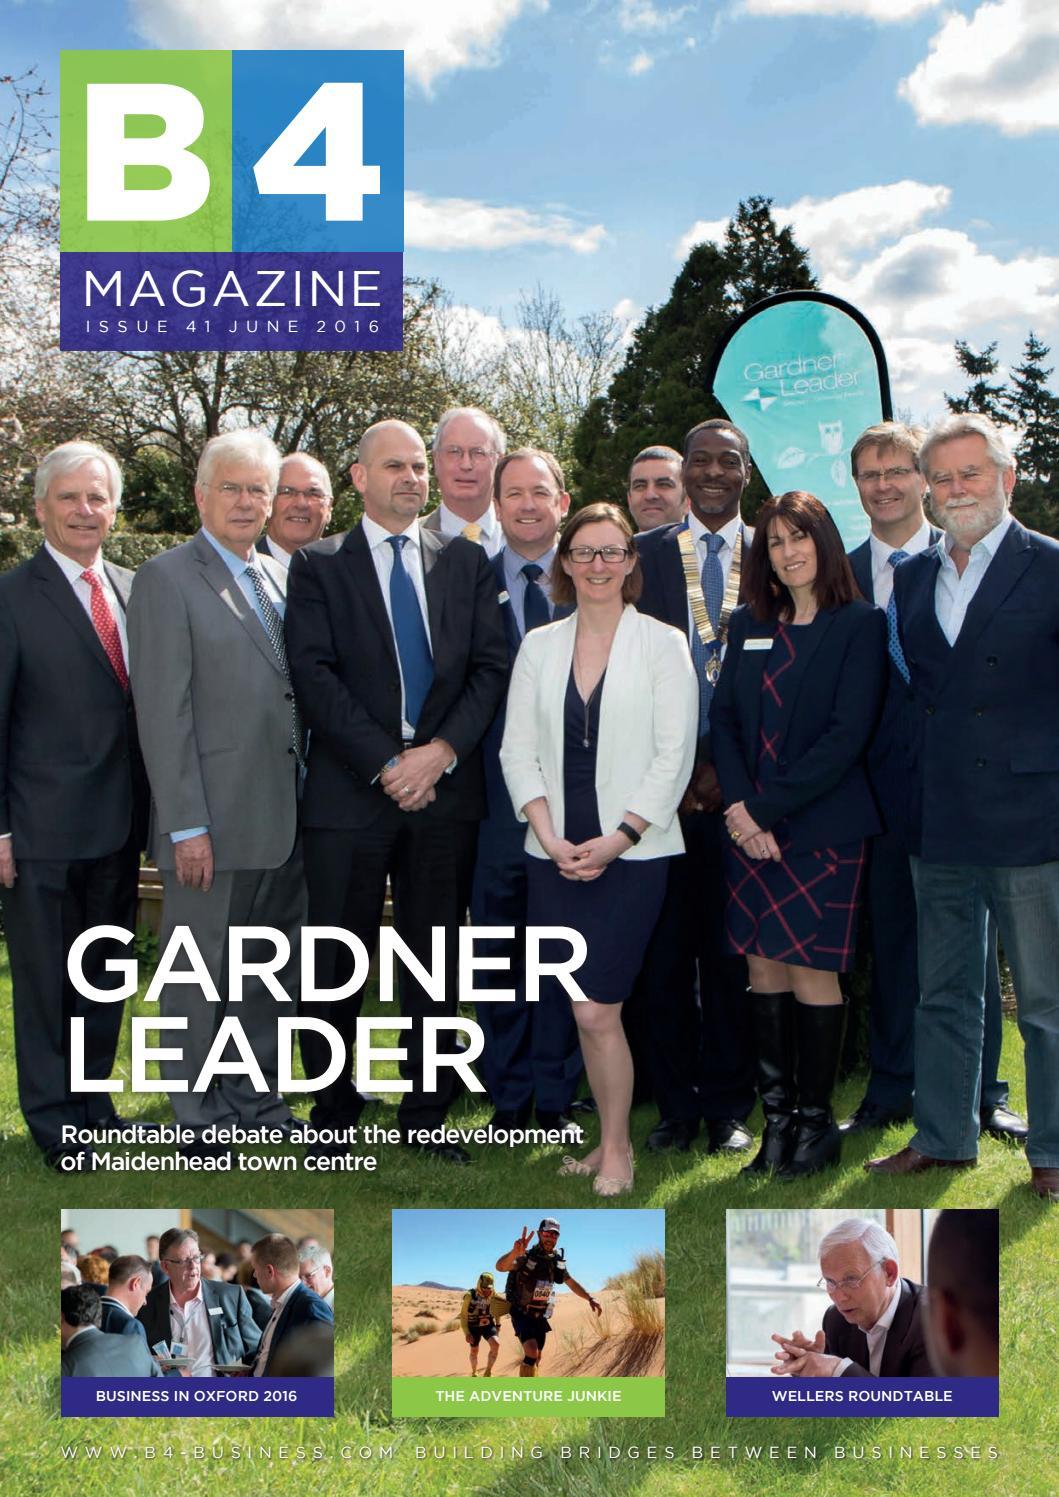 3461b61ea1 B4 41 Gardner Leader Issue by B4 Magazine - issuu